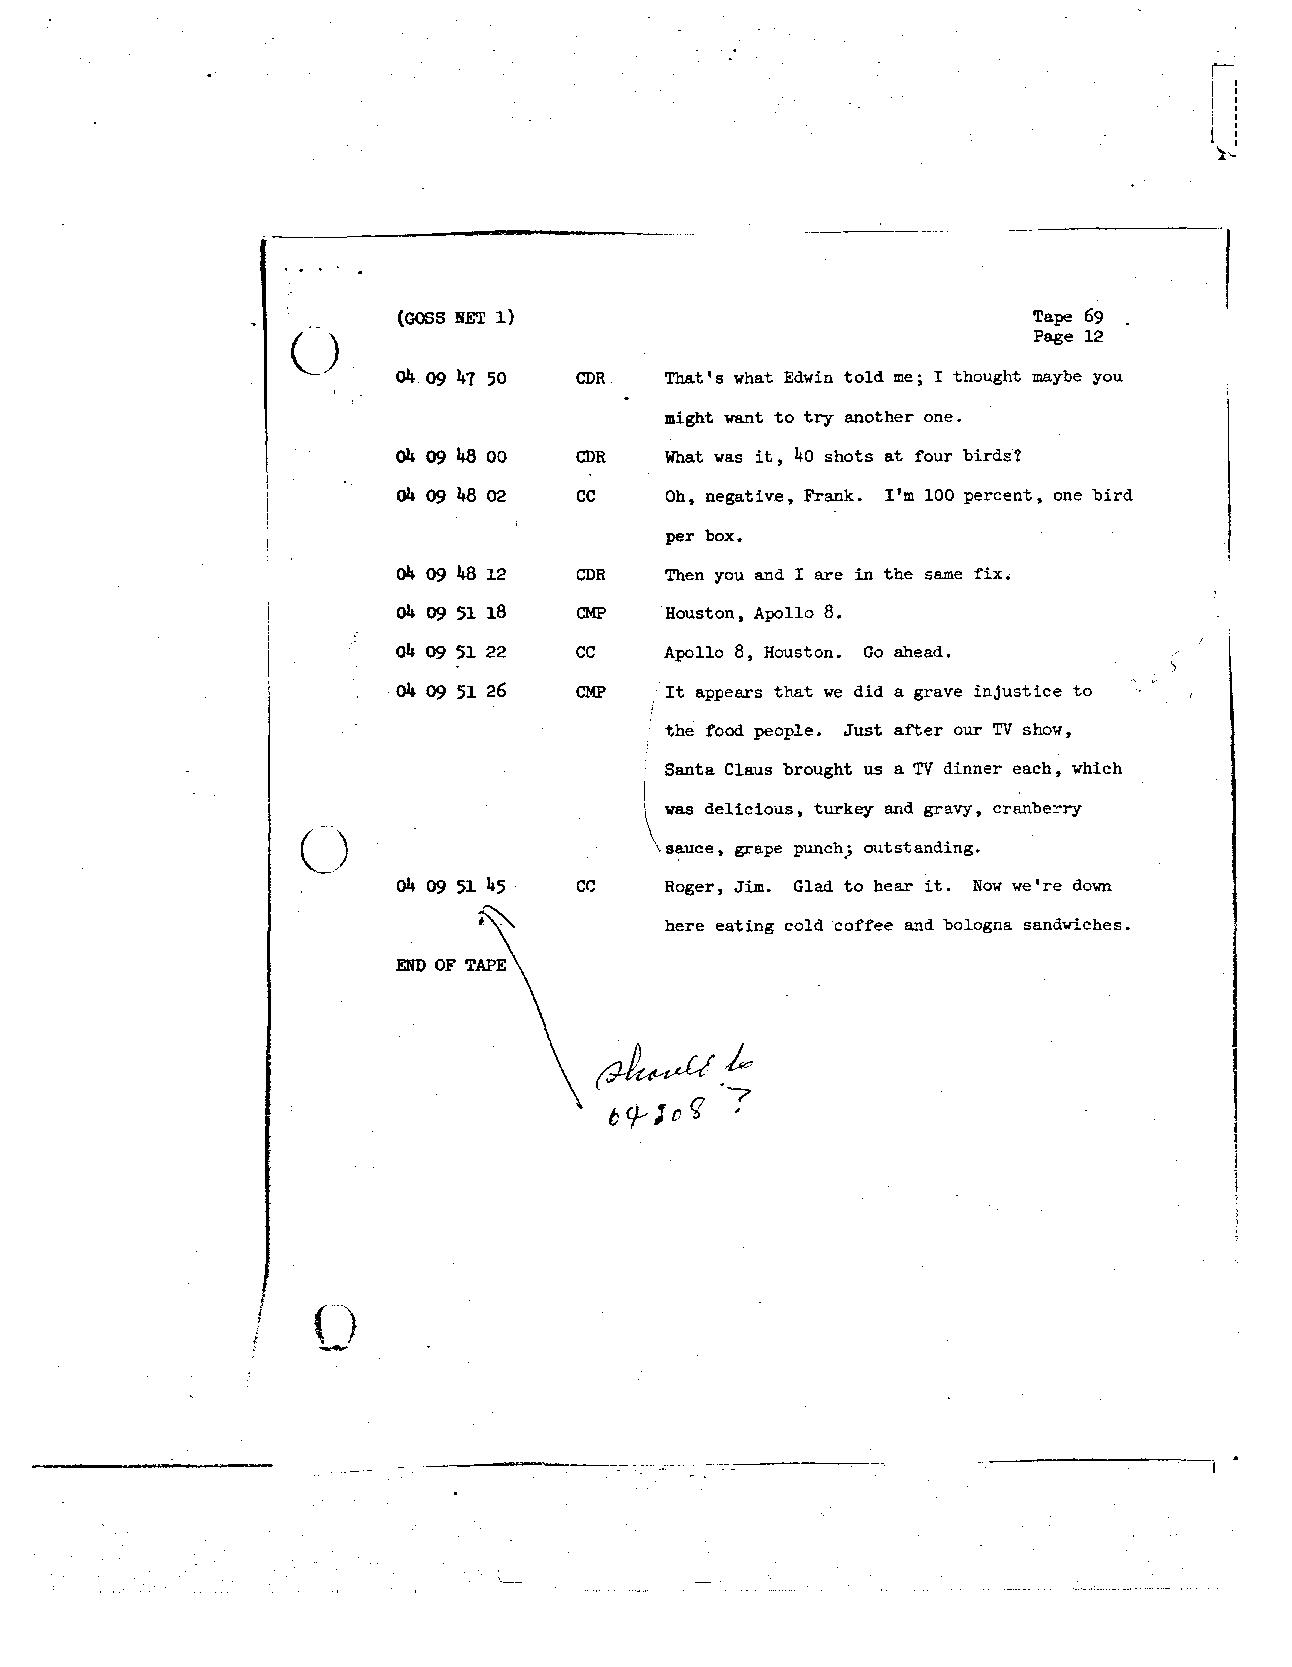 Page 558 of Apollo 8's original transcript